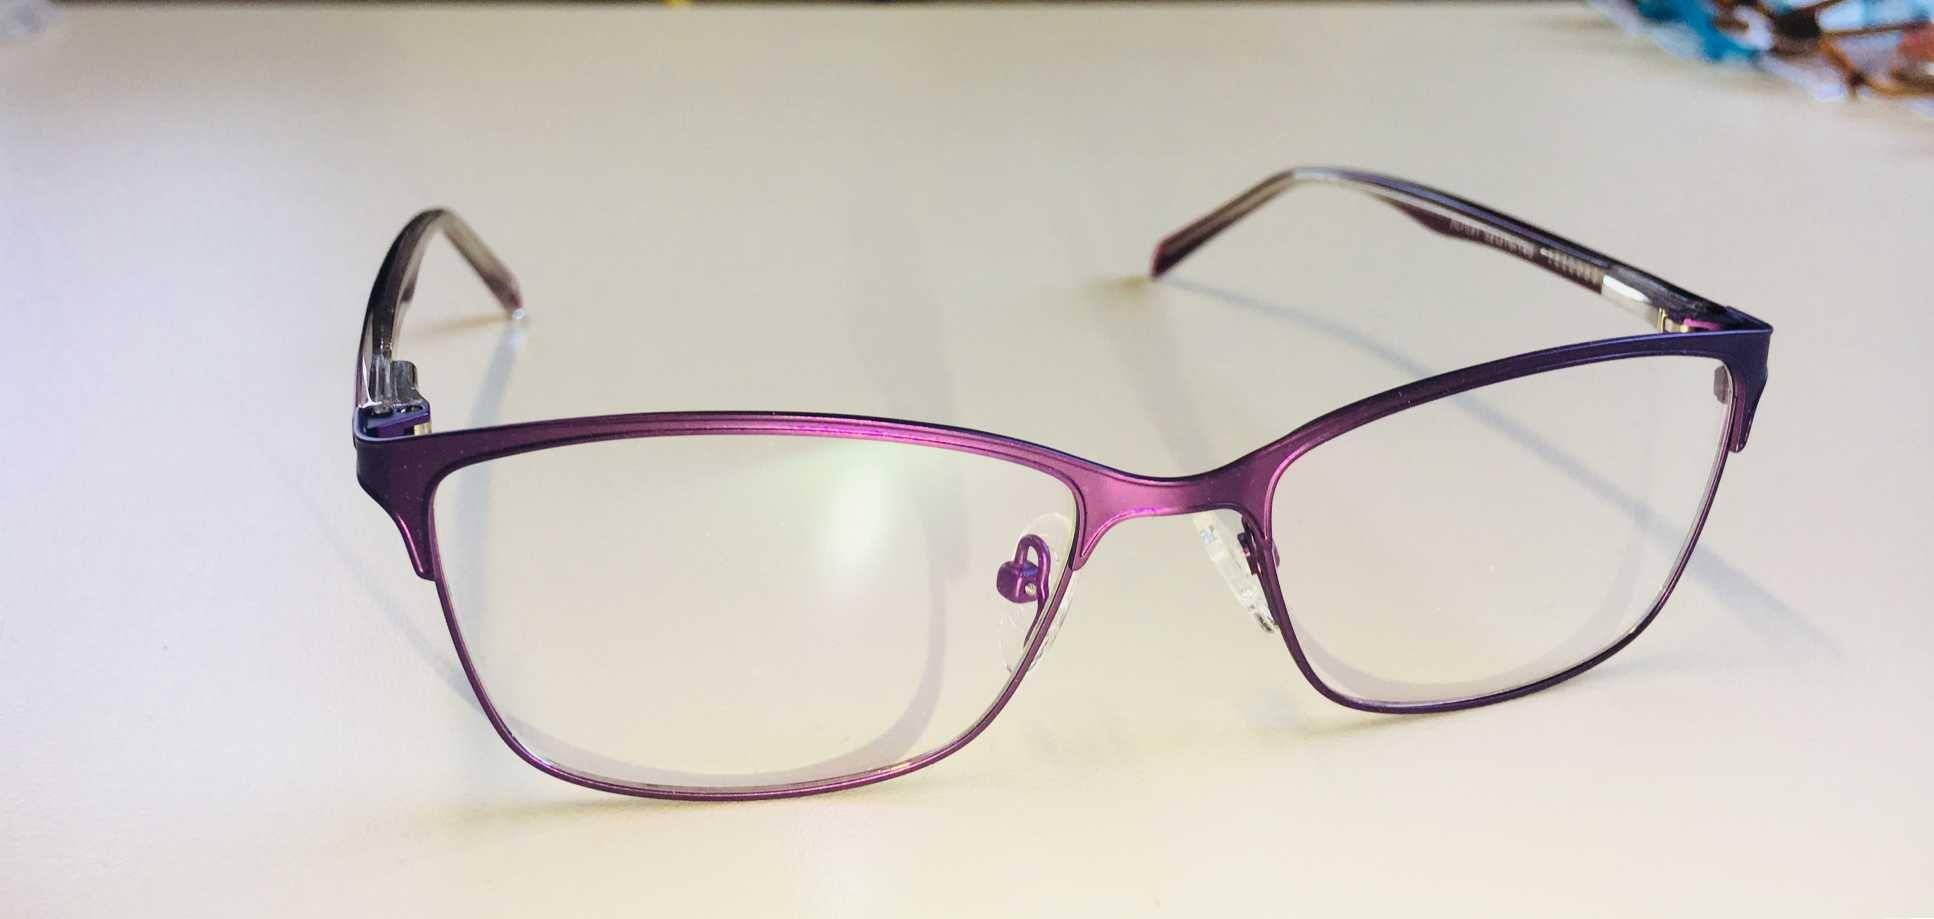 7ce1d9f46ac4e Óculos Armação Grau Feminino Metal Moda 2018 Violeta